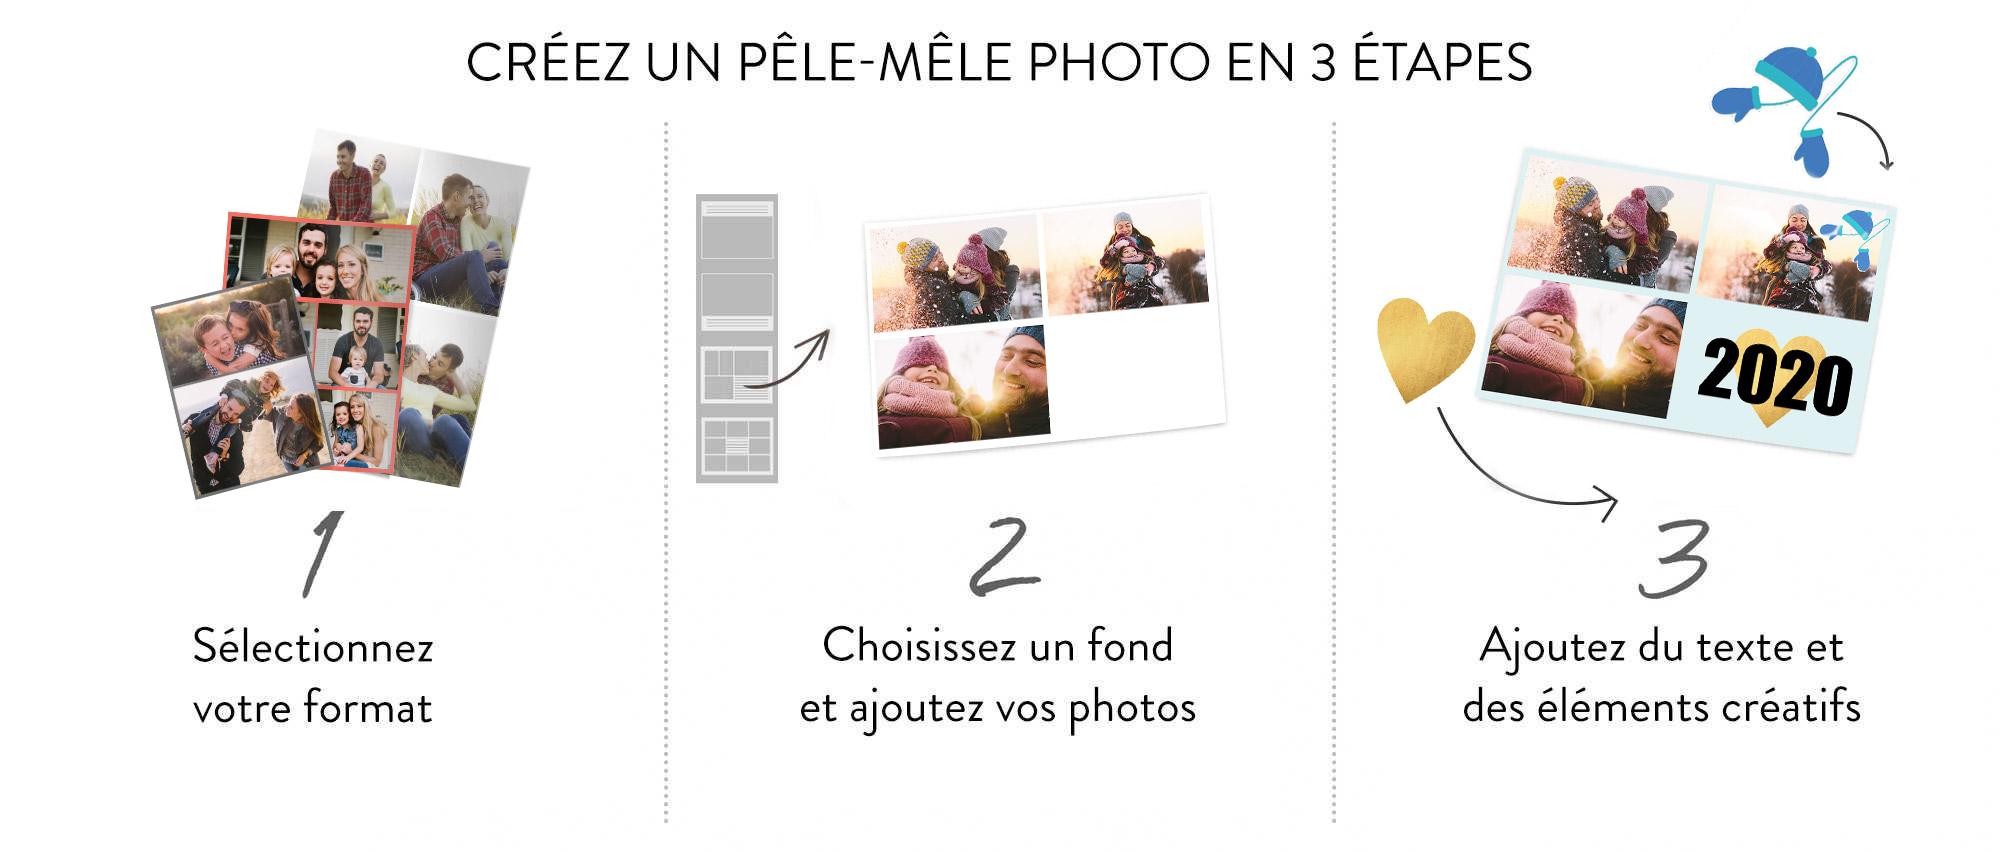 Créez un pêle-mêle photo en 3 étapes